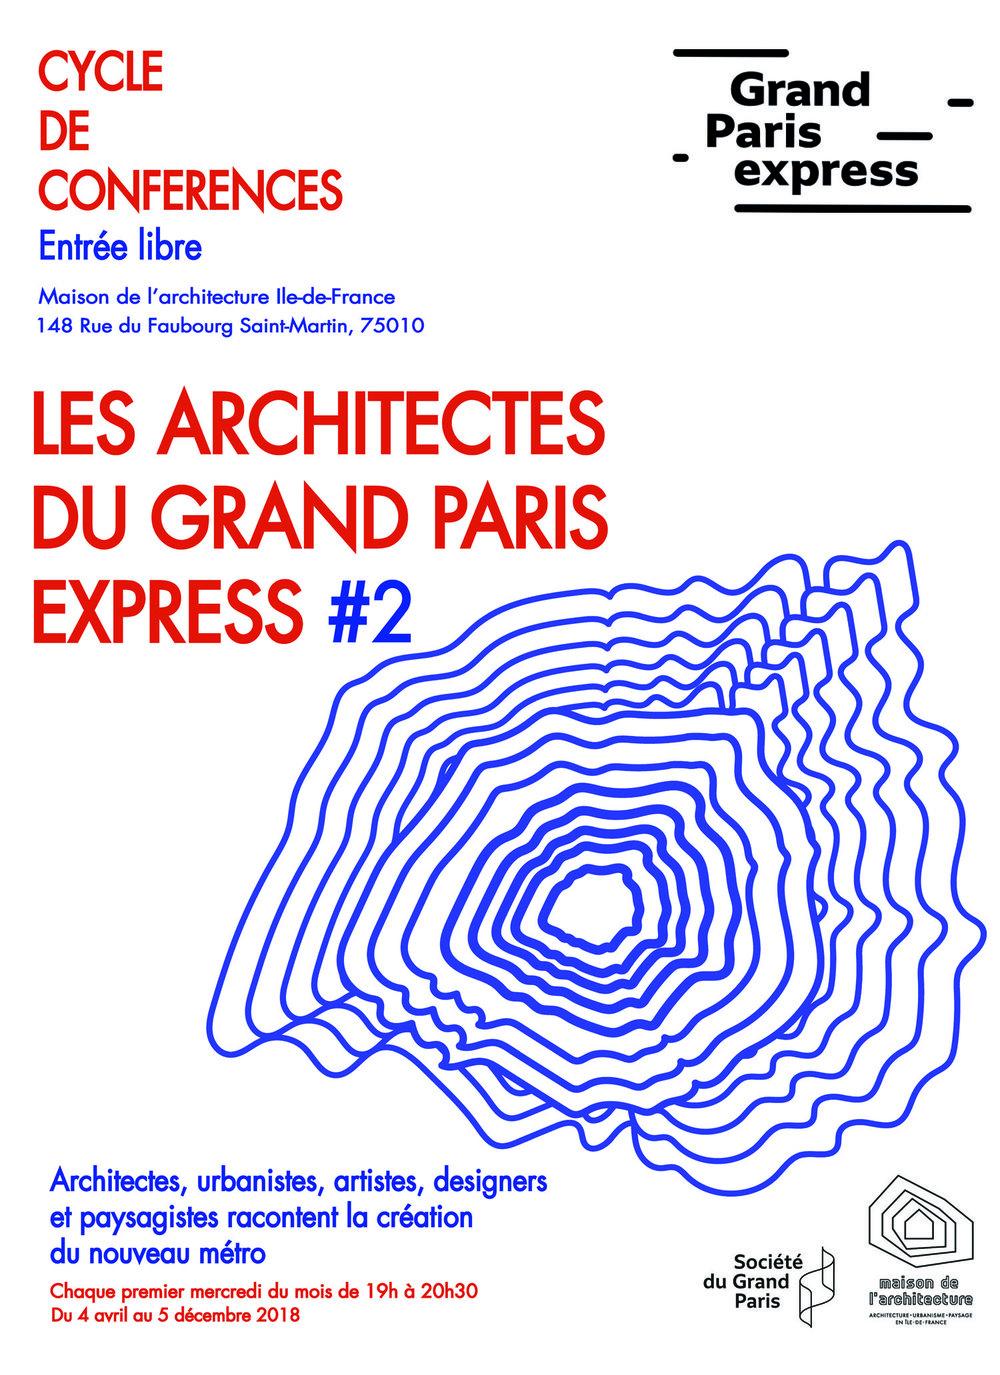 04.2018   Les Architectes du Grand Paris Express #2 CONFERENCES - April 4th to December 5th, 2018